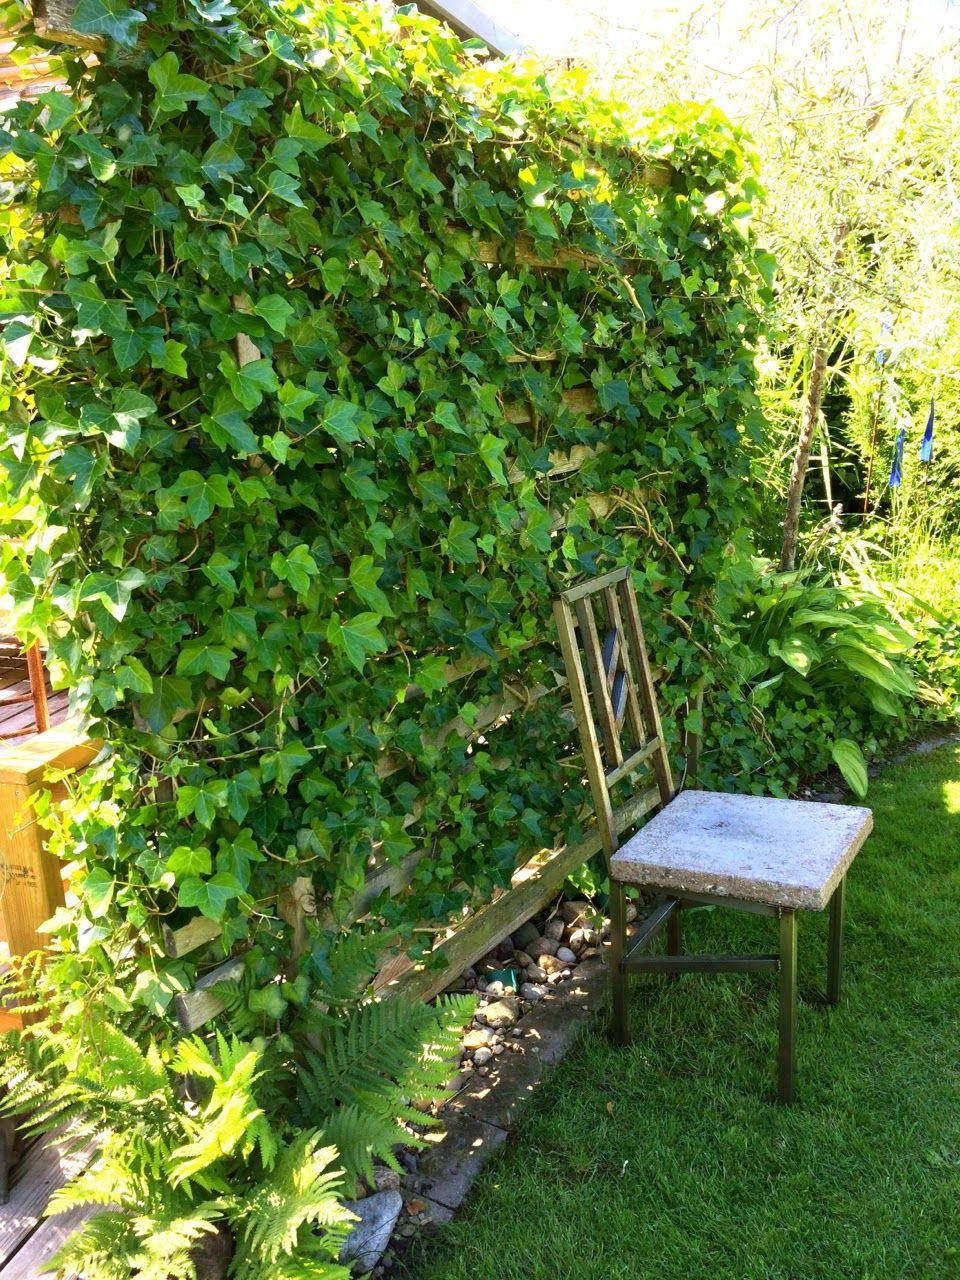 Trädgård plank trädgård : Avdelare med murgröna är grön Ã¥ret om. | TrädgÃ¥rd | Pinterest ...